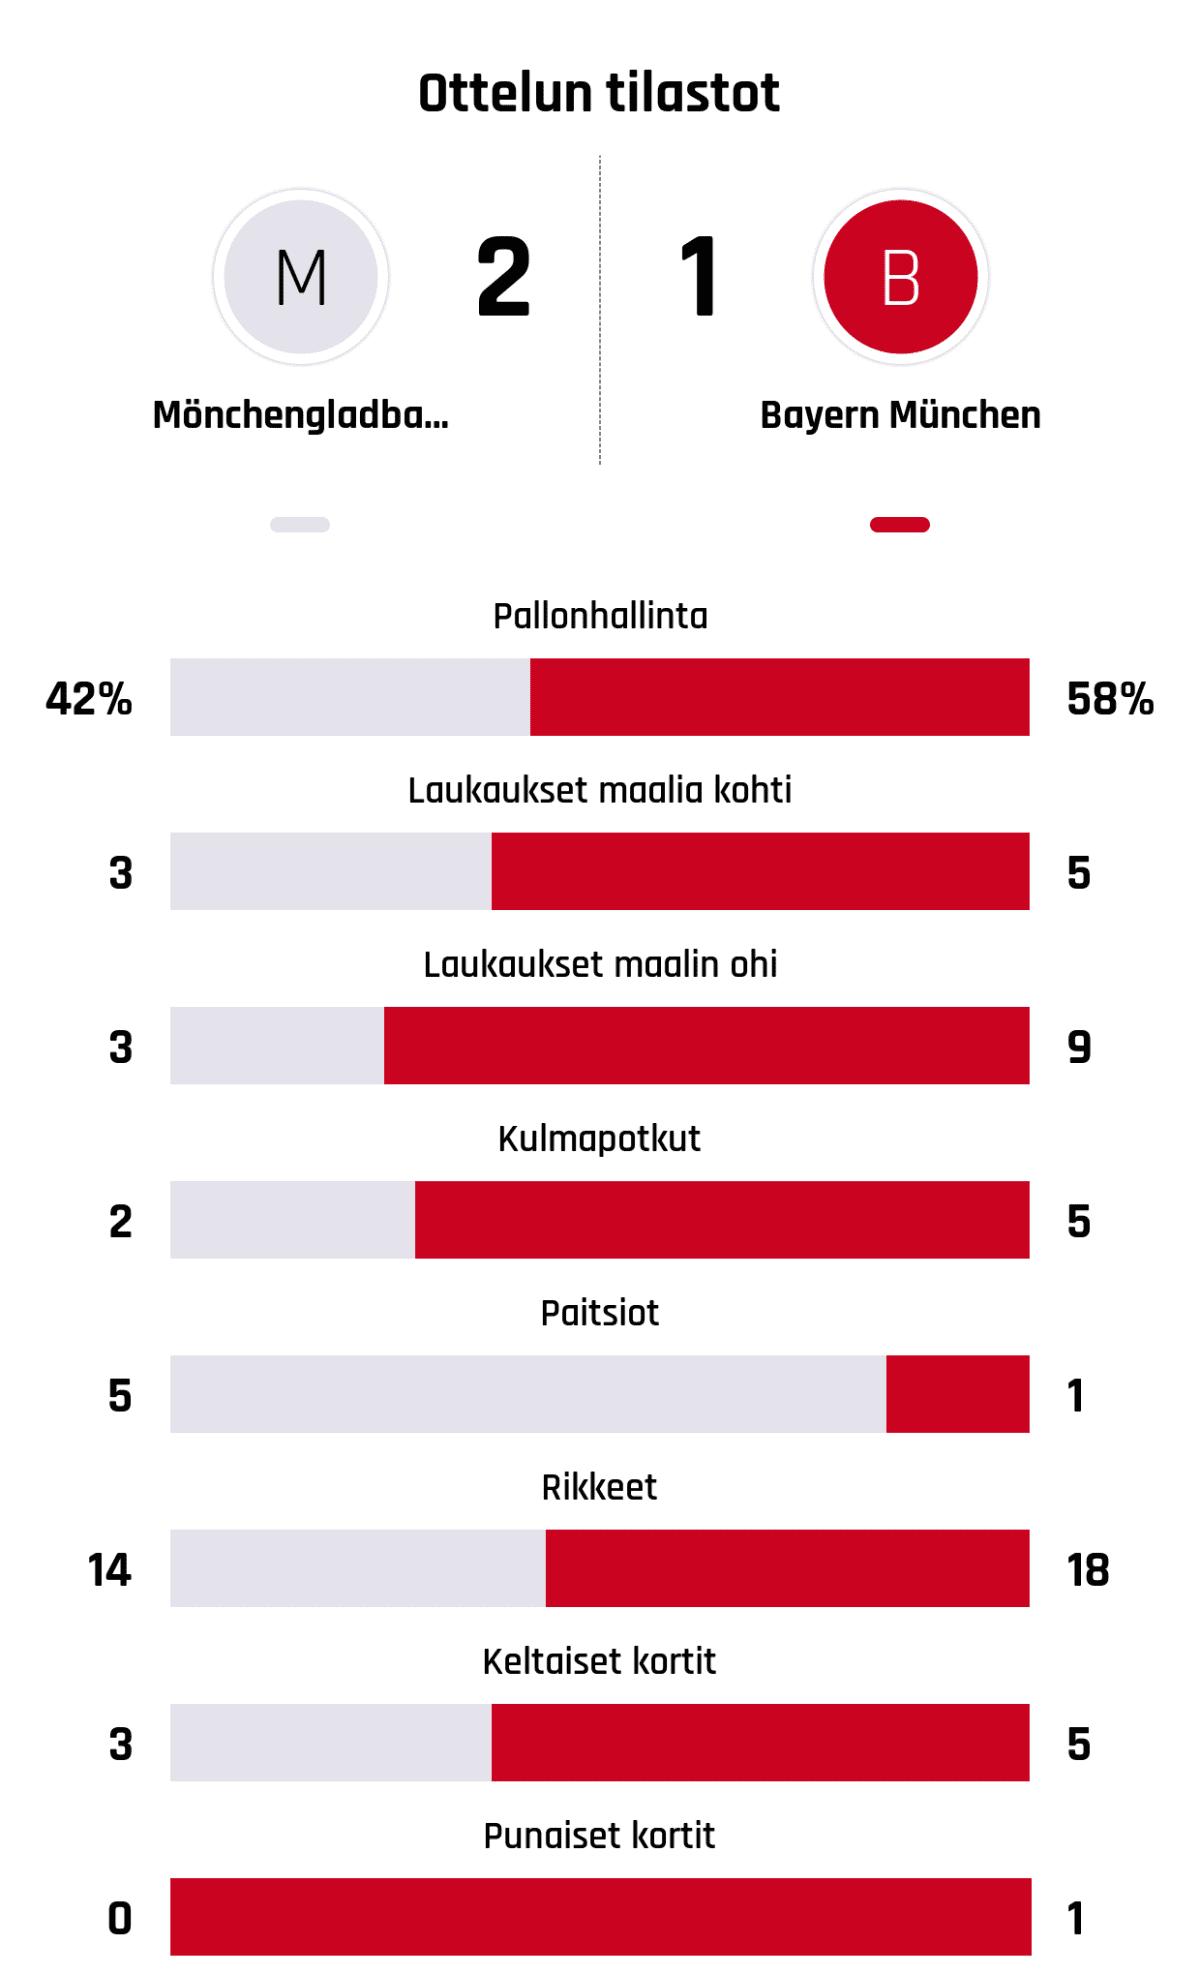 Pallonhallinta 42%-58% Laukaukset maalia kohti 3-5 Laukaukset maalin ohi 3-9 Kulmapotkut 2-5 Paitsiot 5-1 Rikkeet 14-18 Keltaiset kortit 3-5 Punaiset kortit 0-1